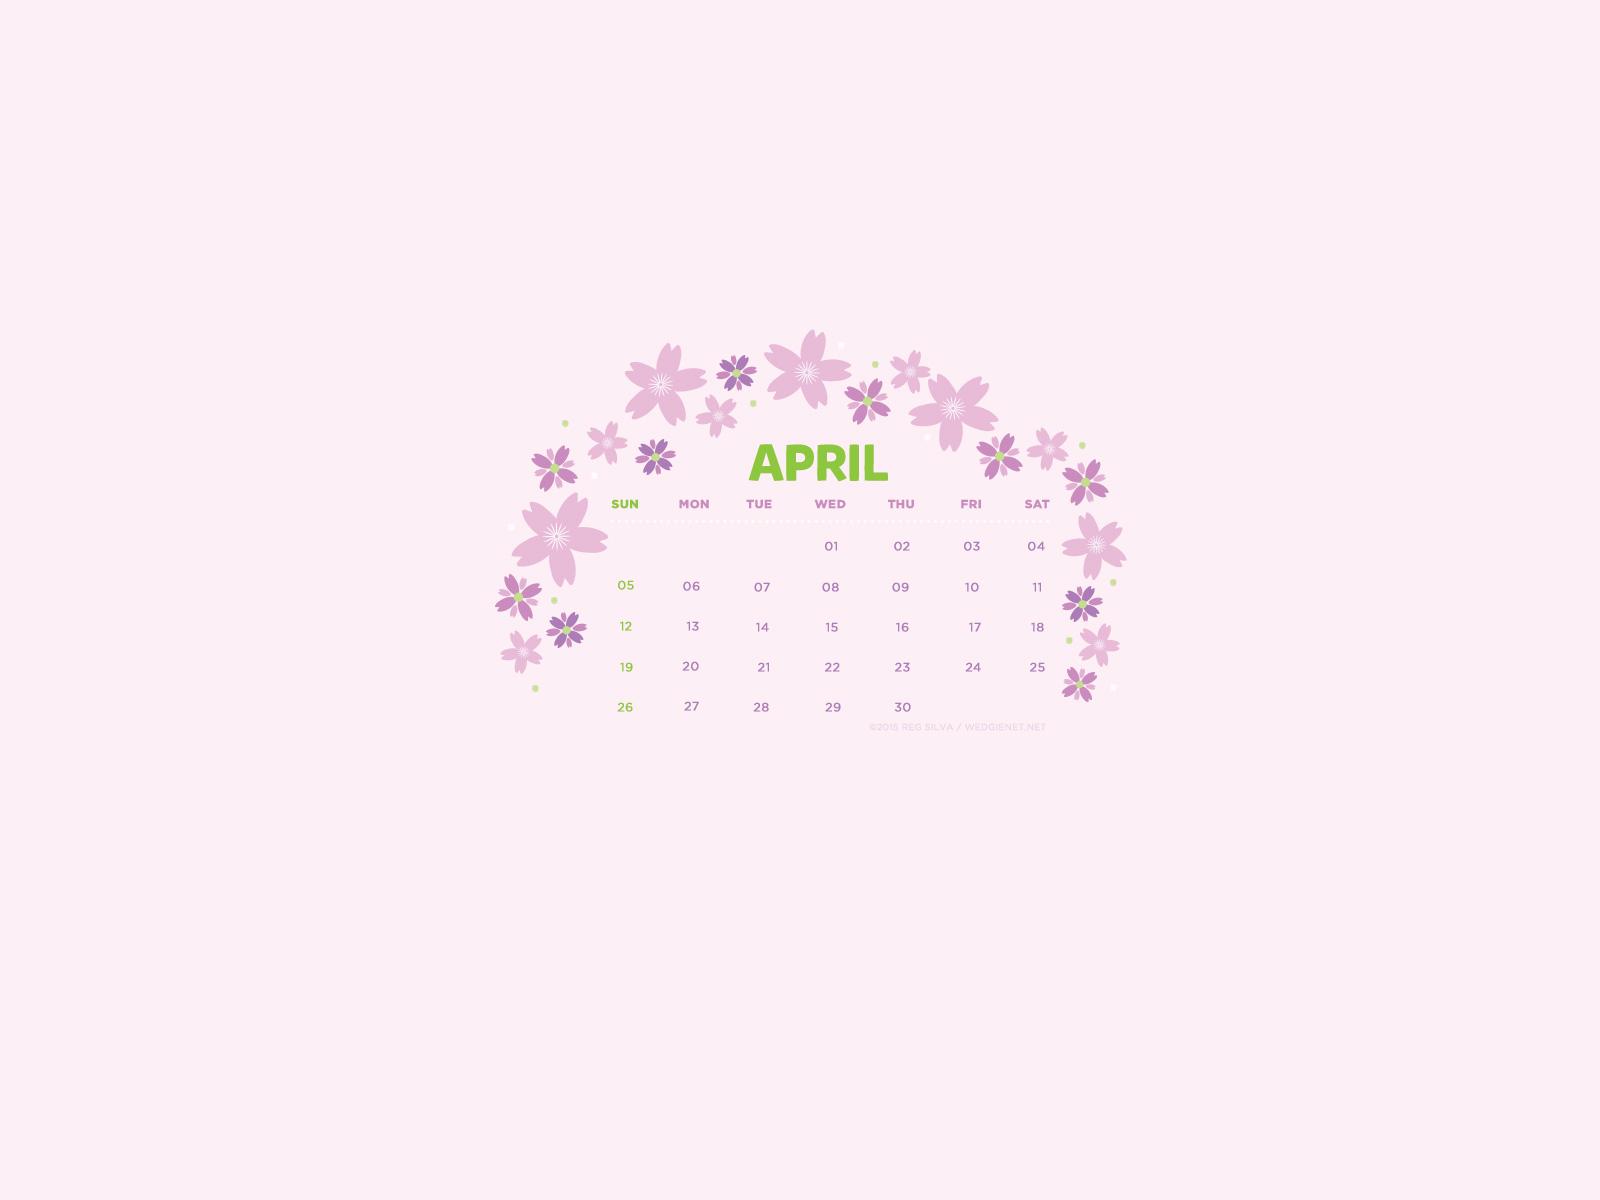 Unique April 2015 Desktop Download April 2015 desktop iPhone 1600x1200